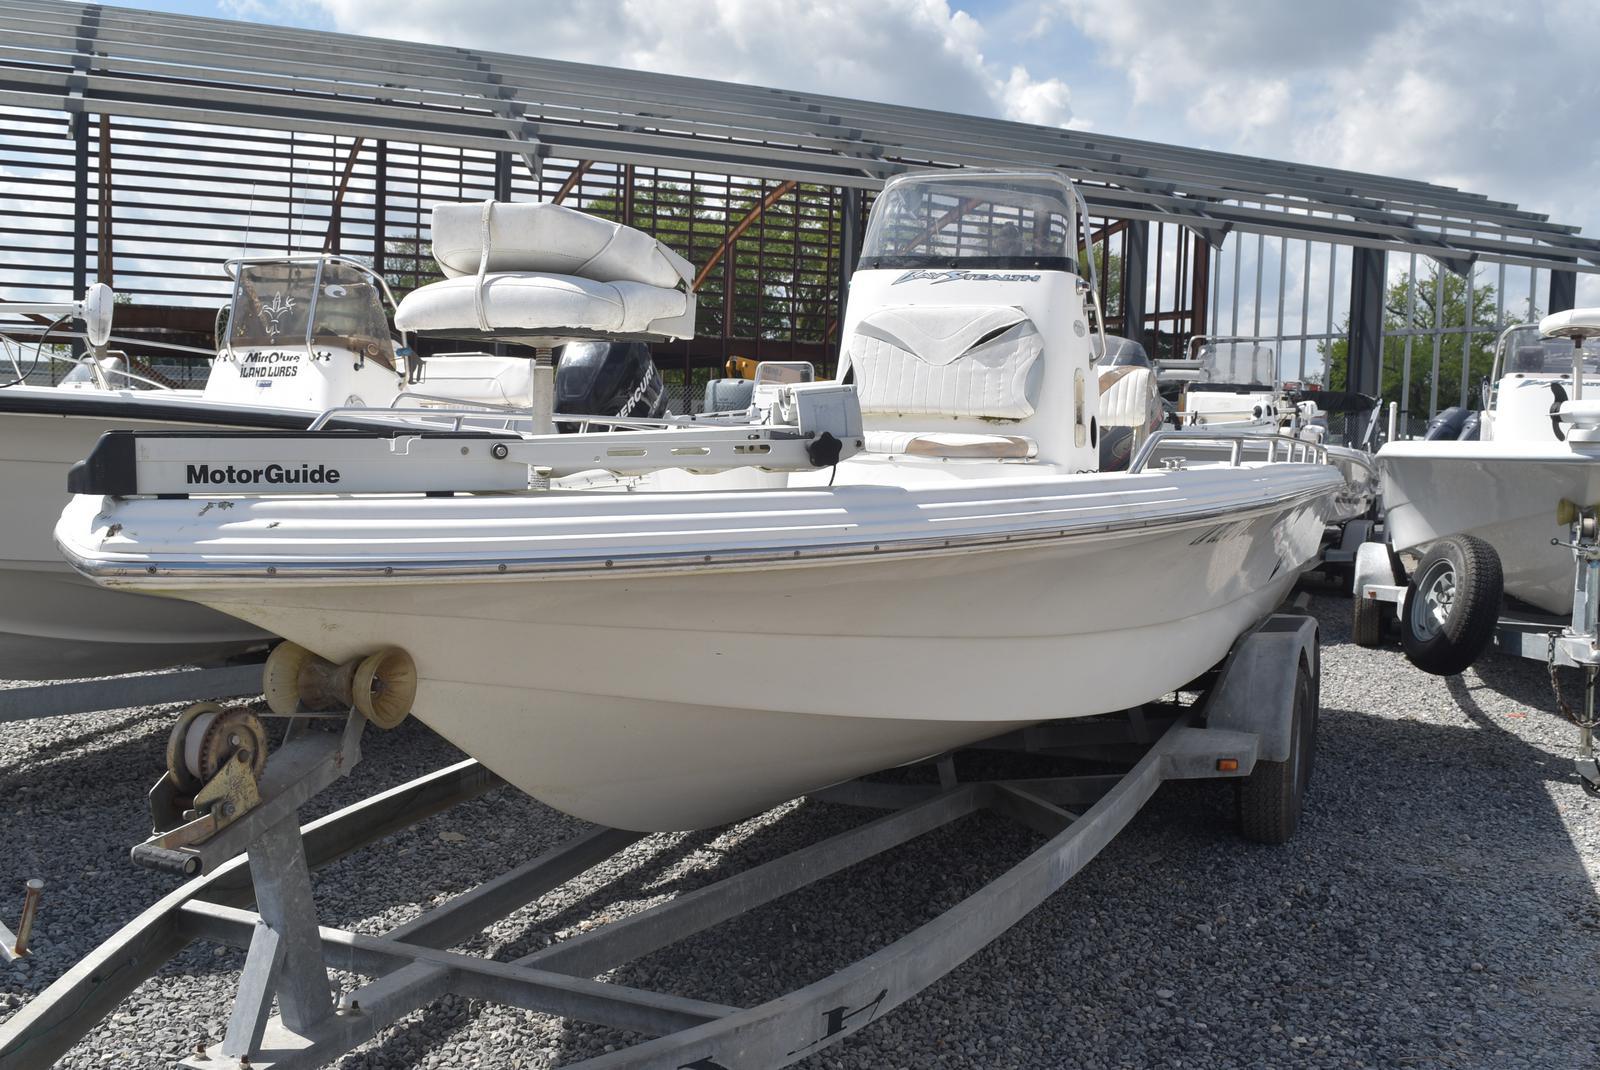 New  2002 Bay Stealth Boats Bay Boat in Marrero, Louisiana